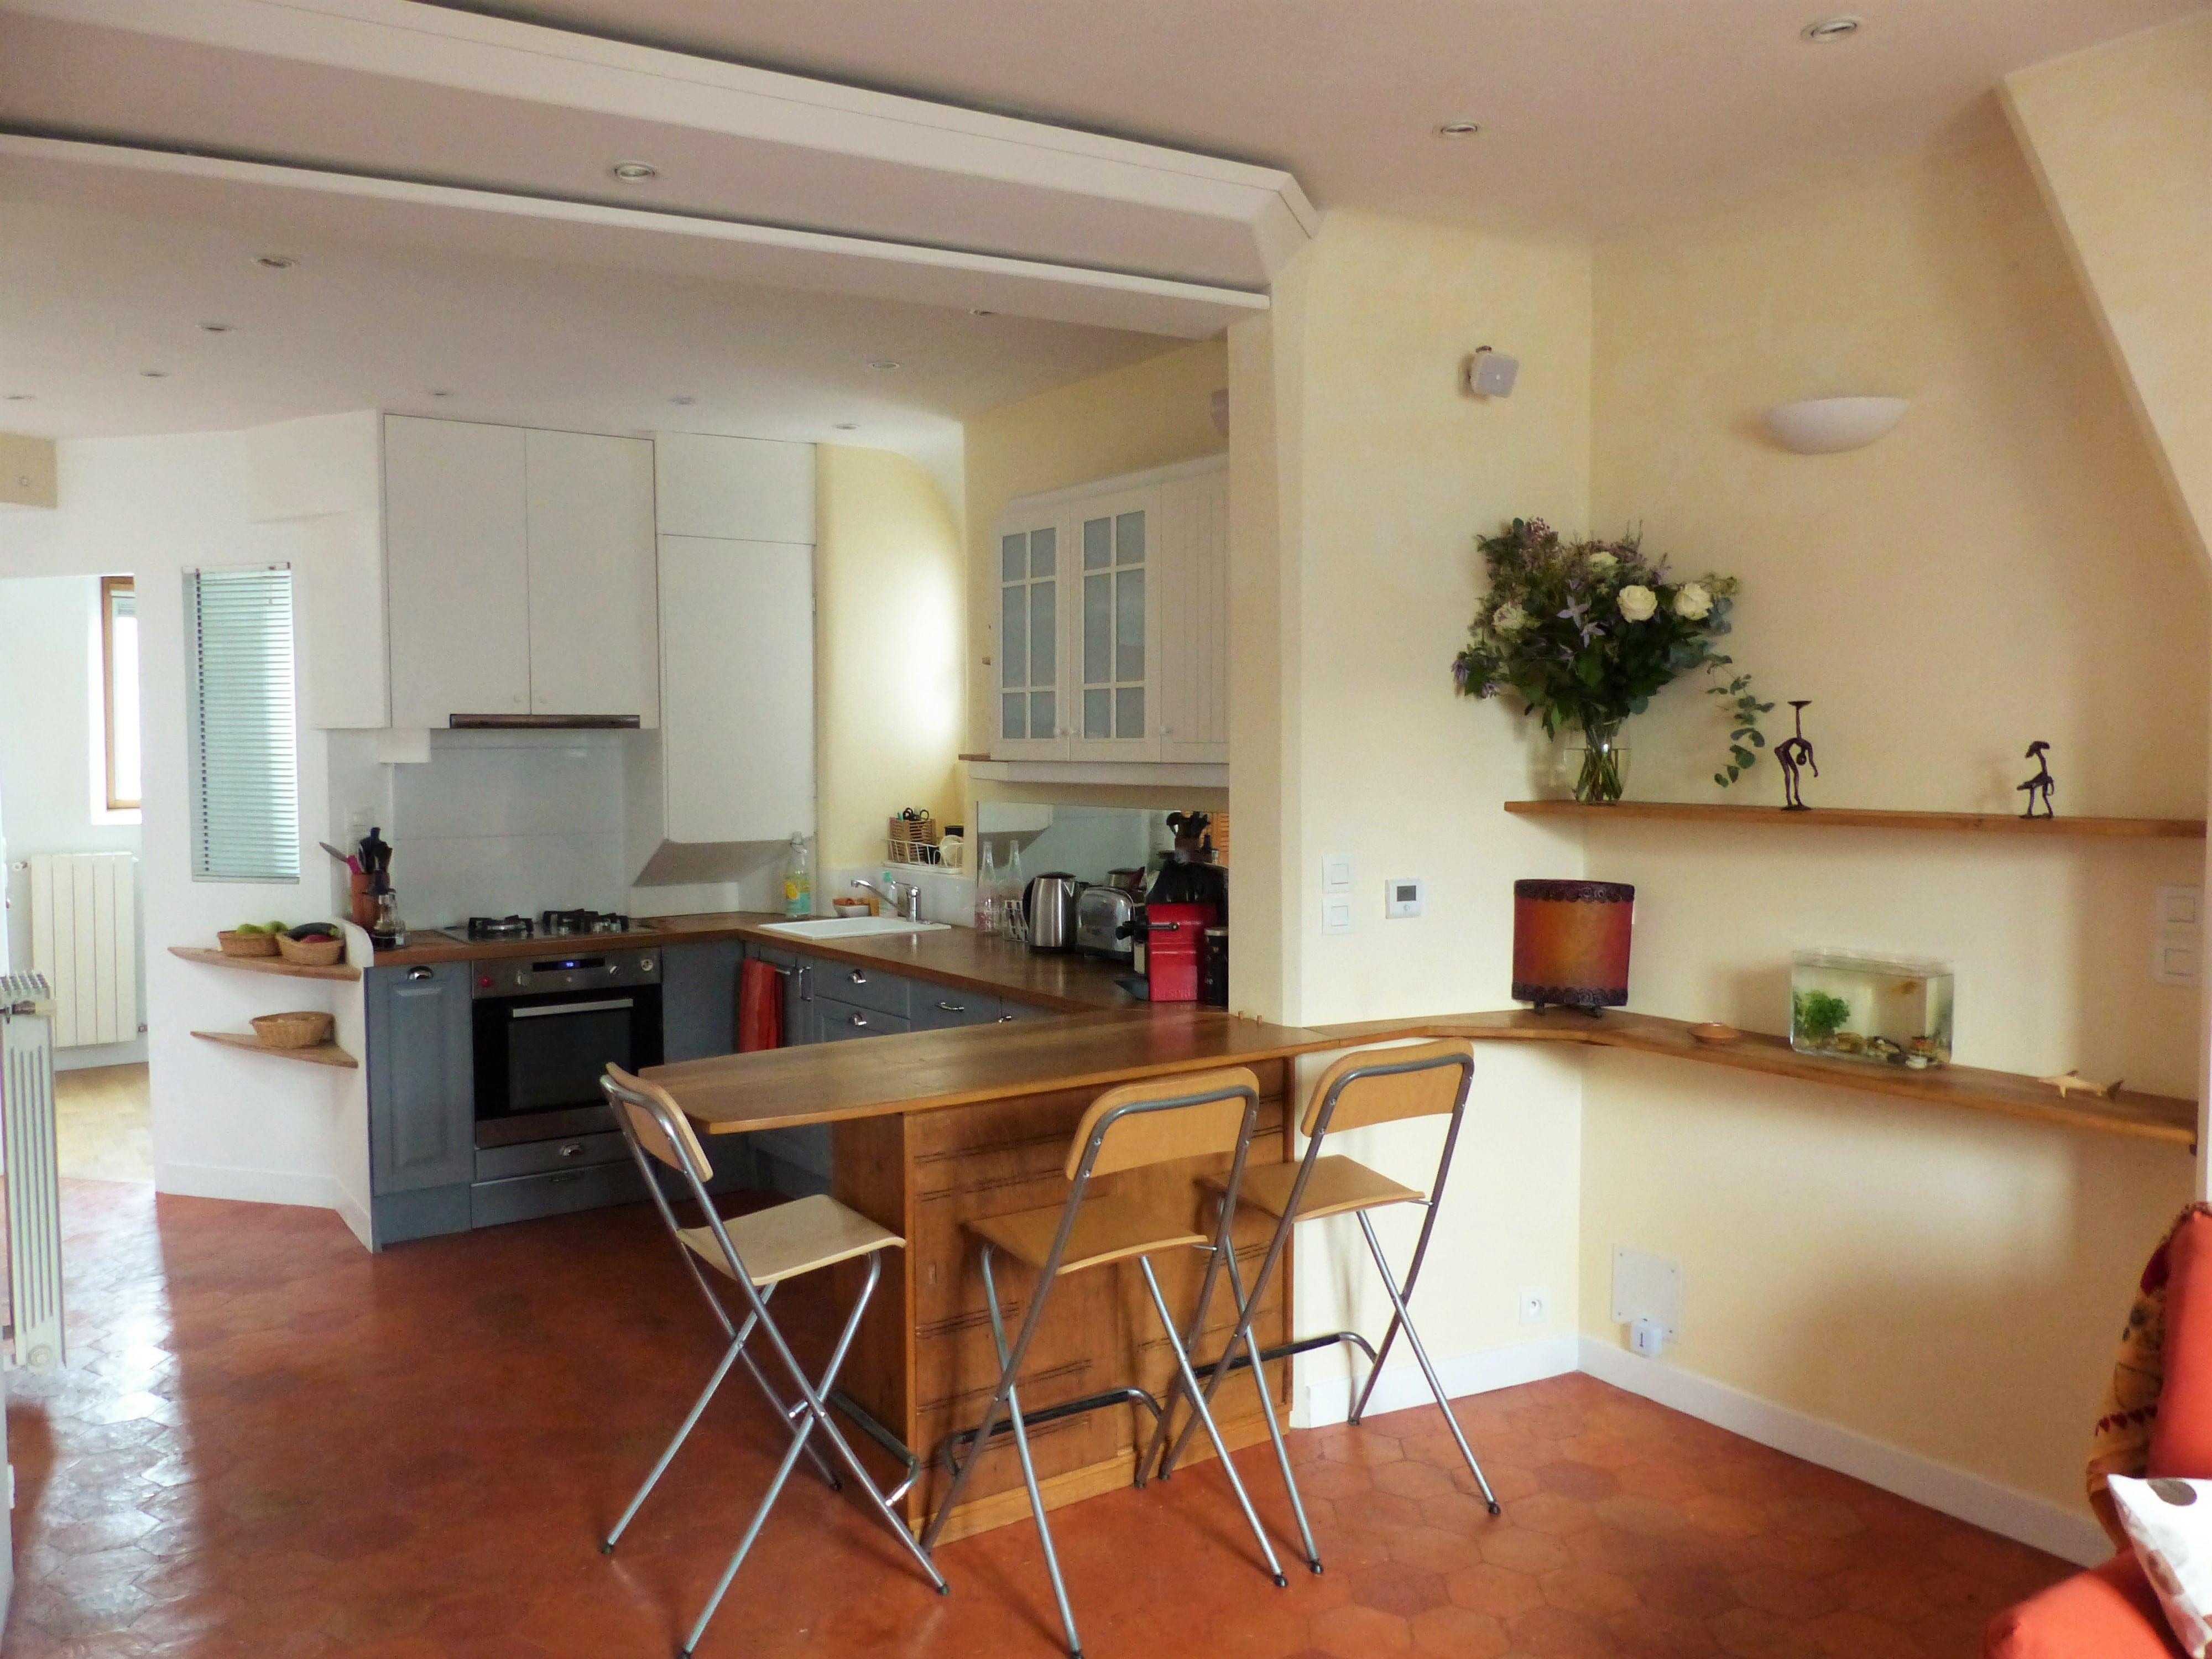 PropriLib l'agence immobilière en ligne à prix fixe vend cet appartement à Paris 17 ème